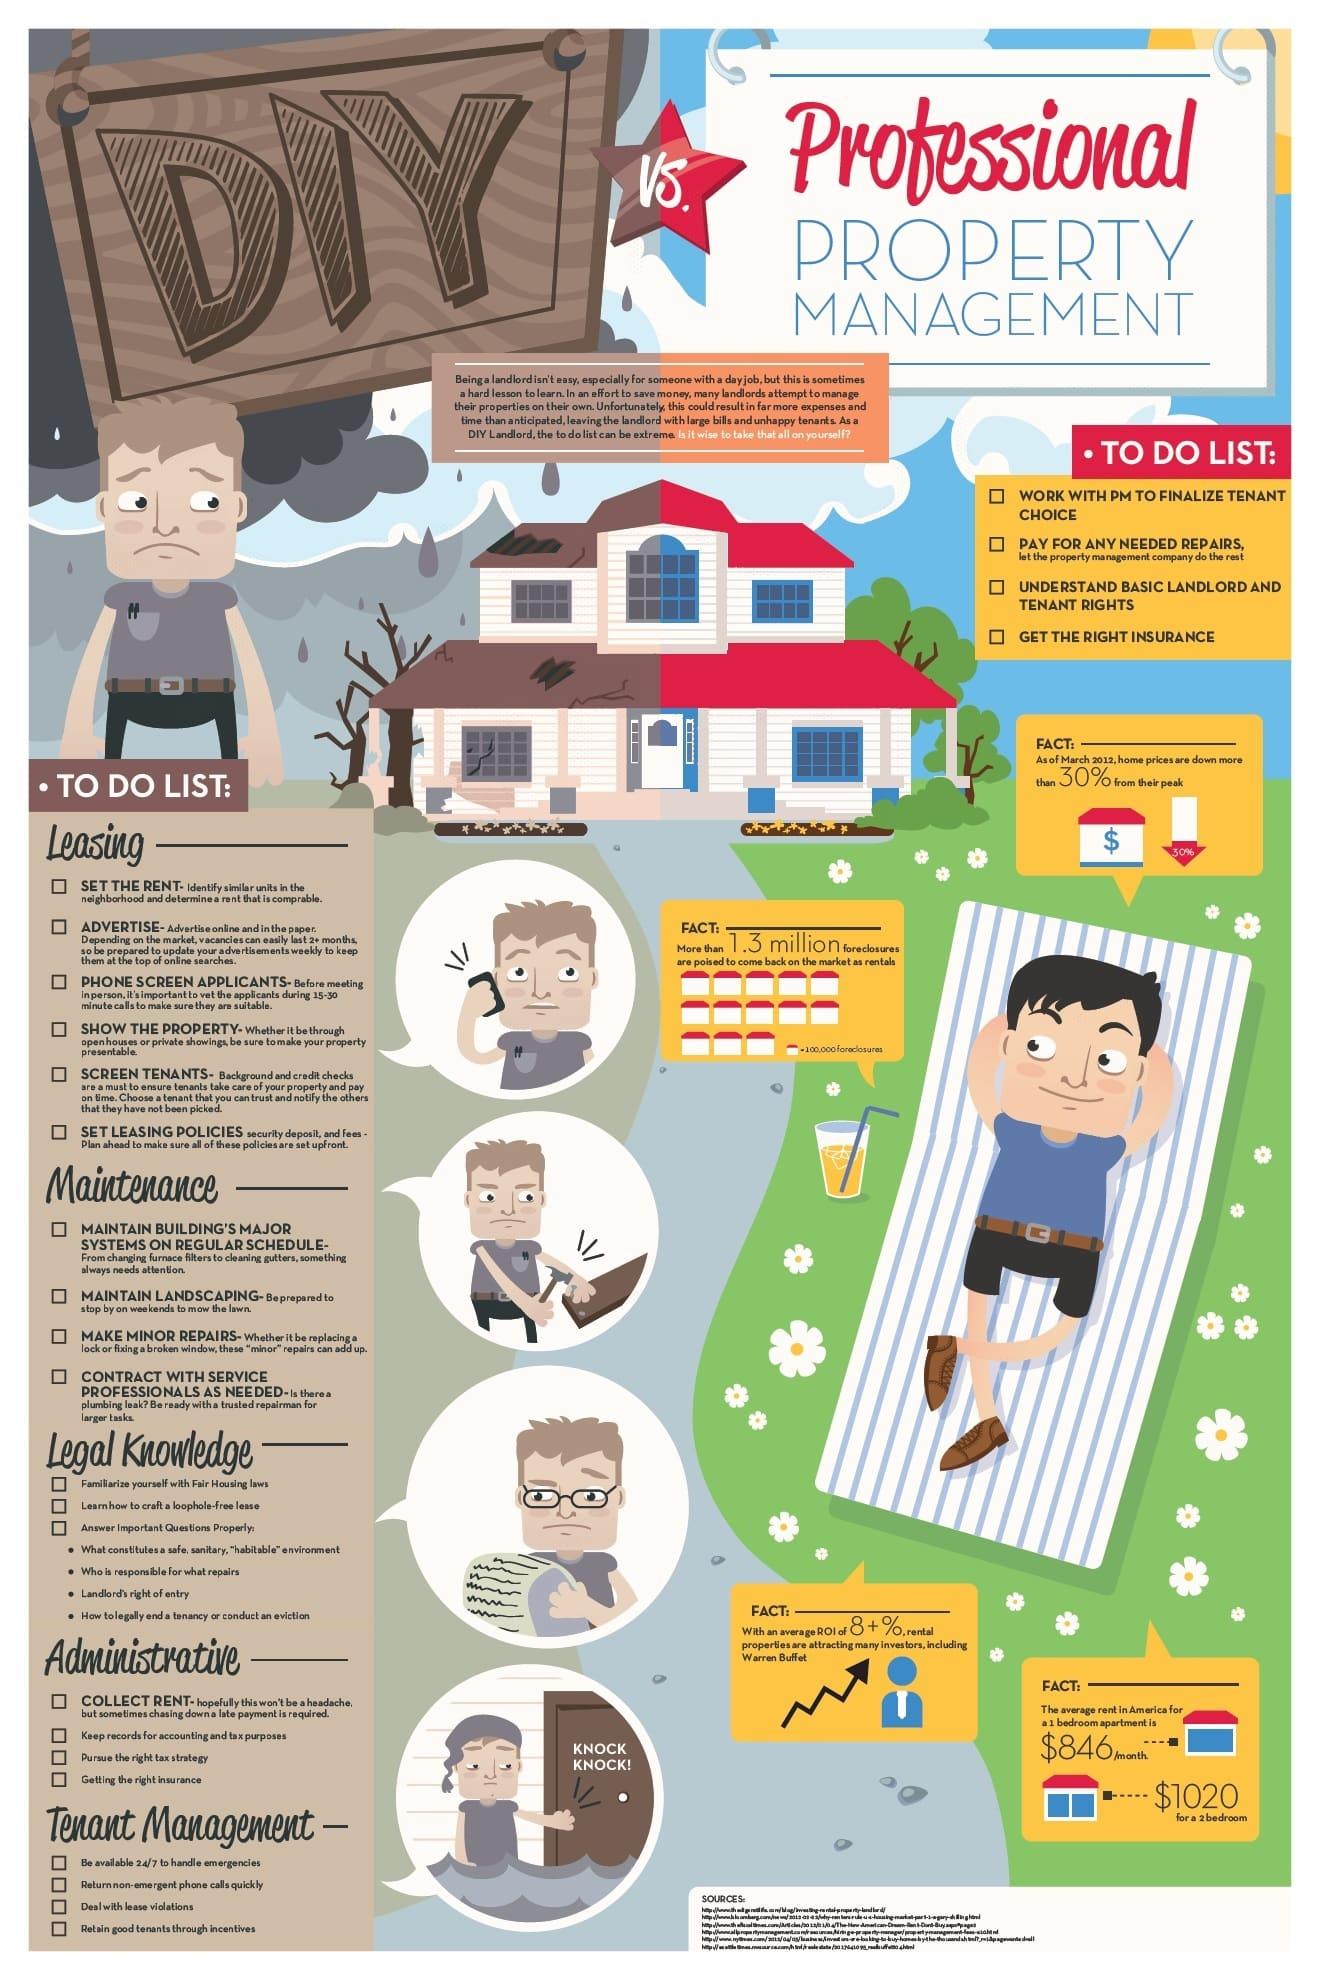 Keyrenter Denver Property Management - Illustration